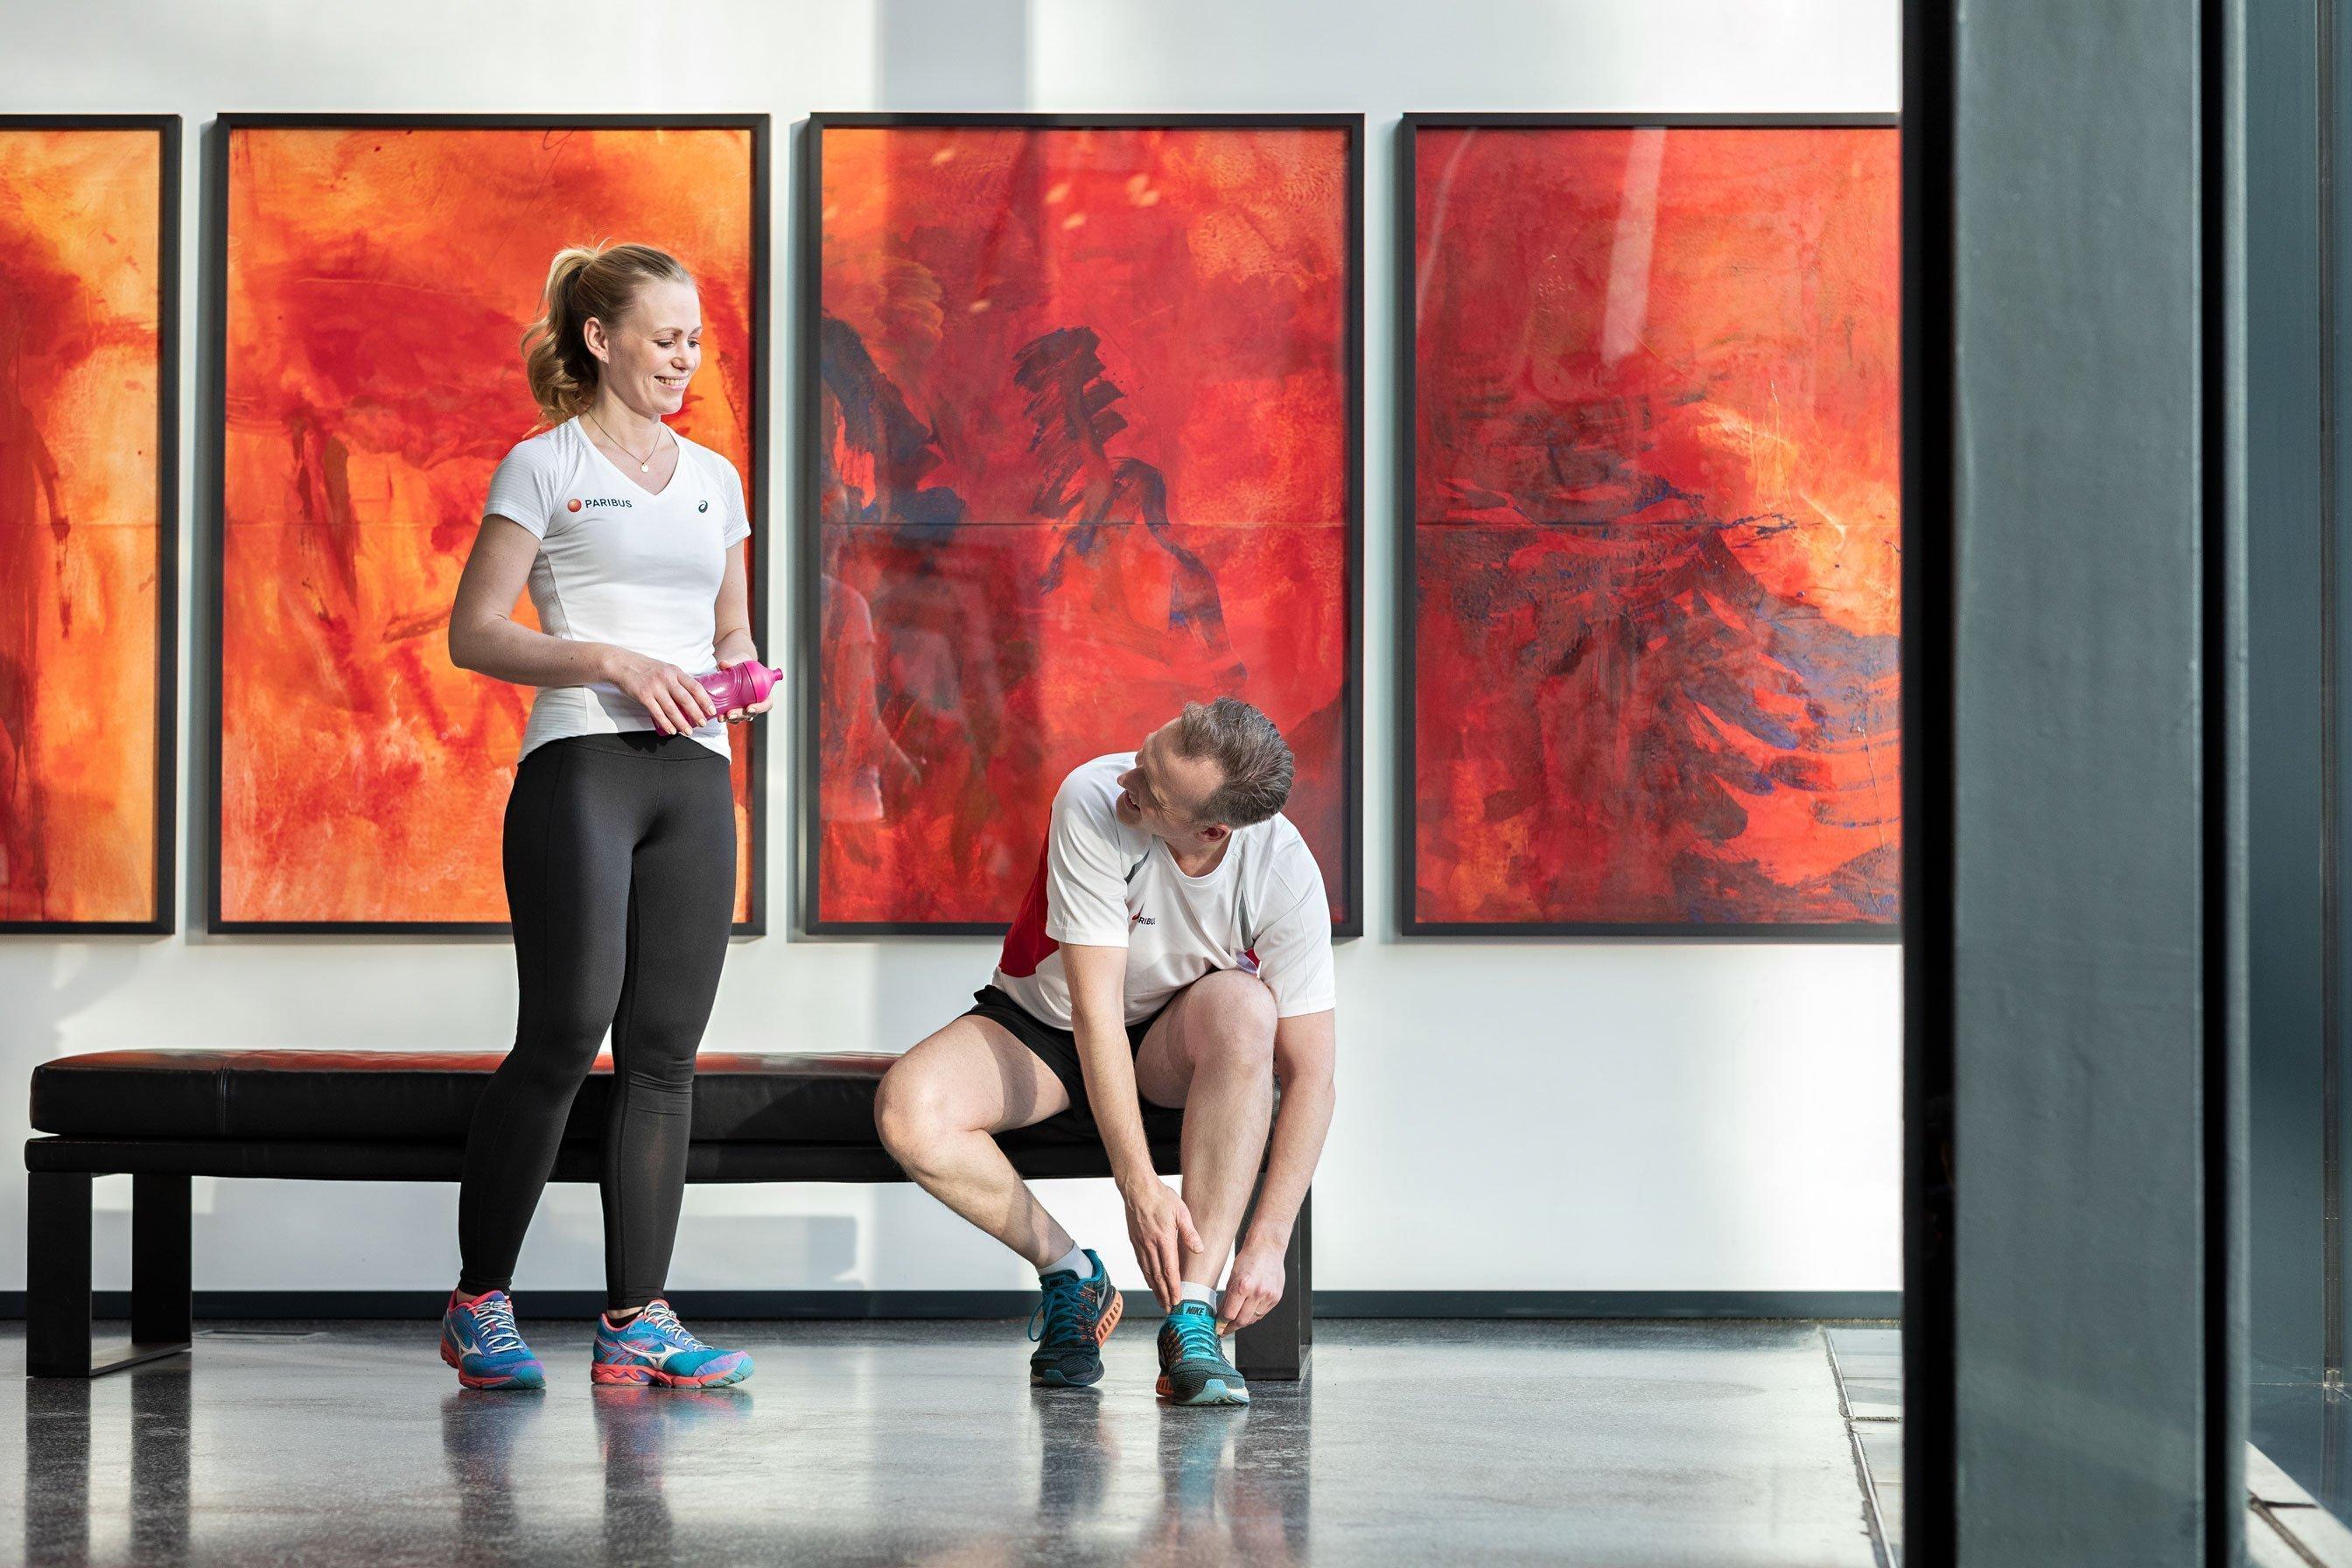 Paribus-Mitarbeiter bereiten sich auf gemeinsamen Sport vor